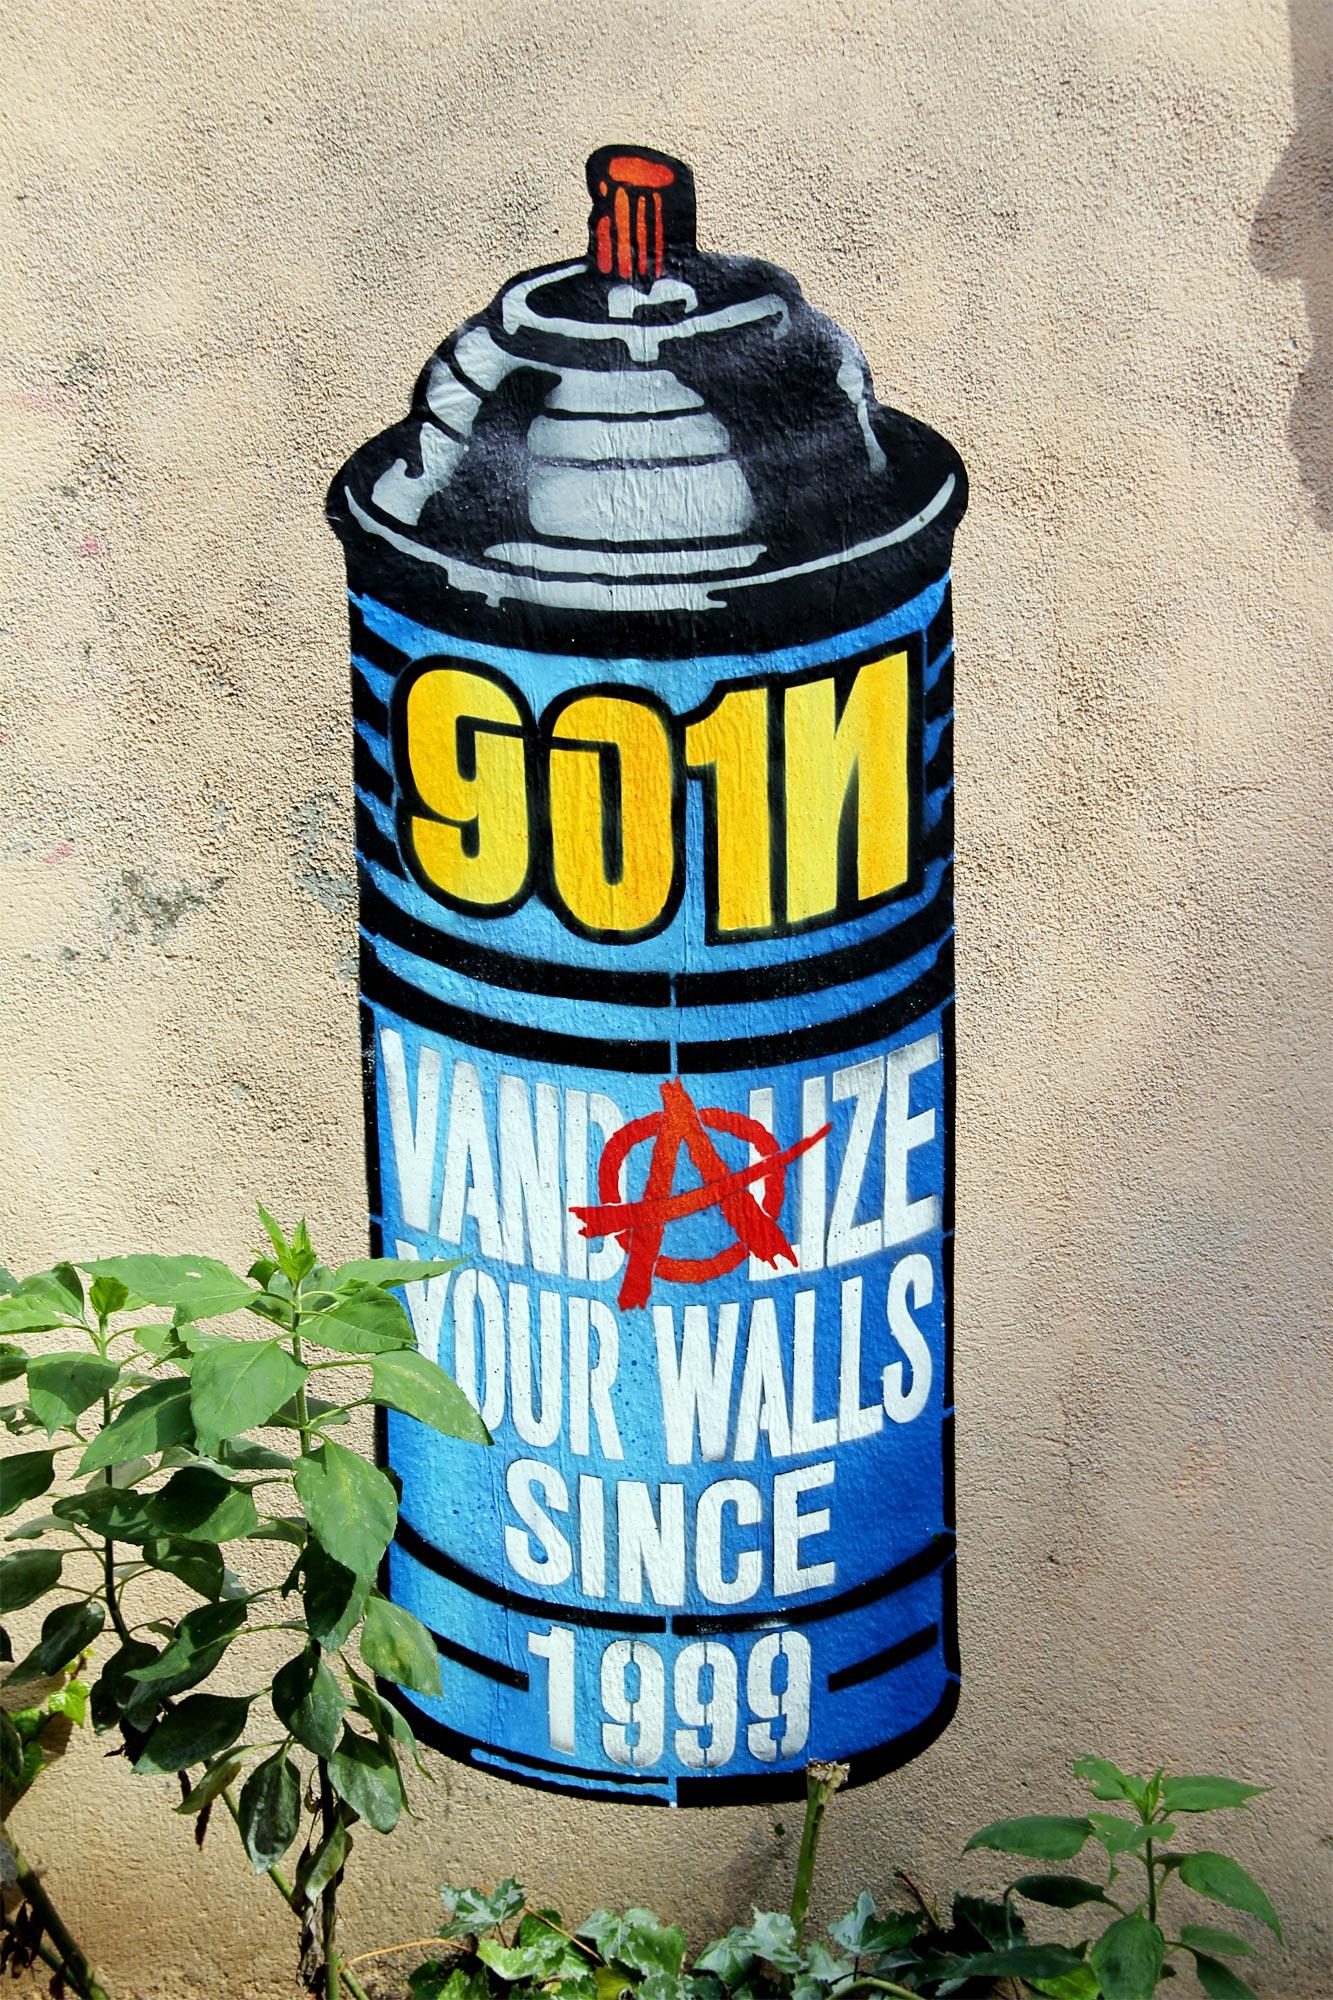 goin vandalize your walls since 1999 lyon fr 092014